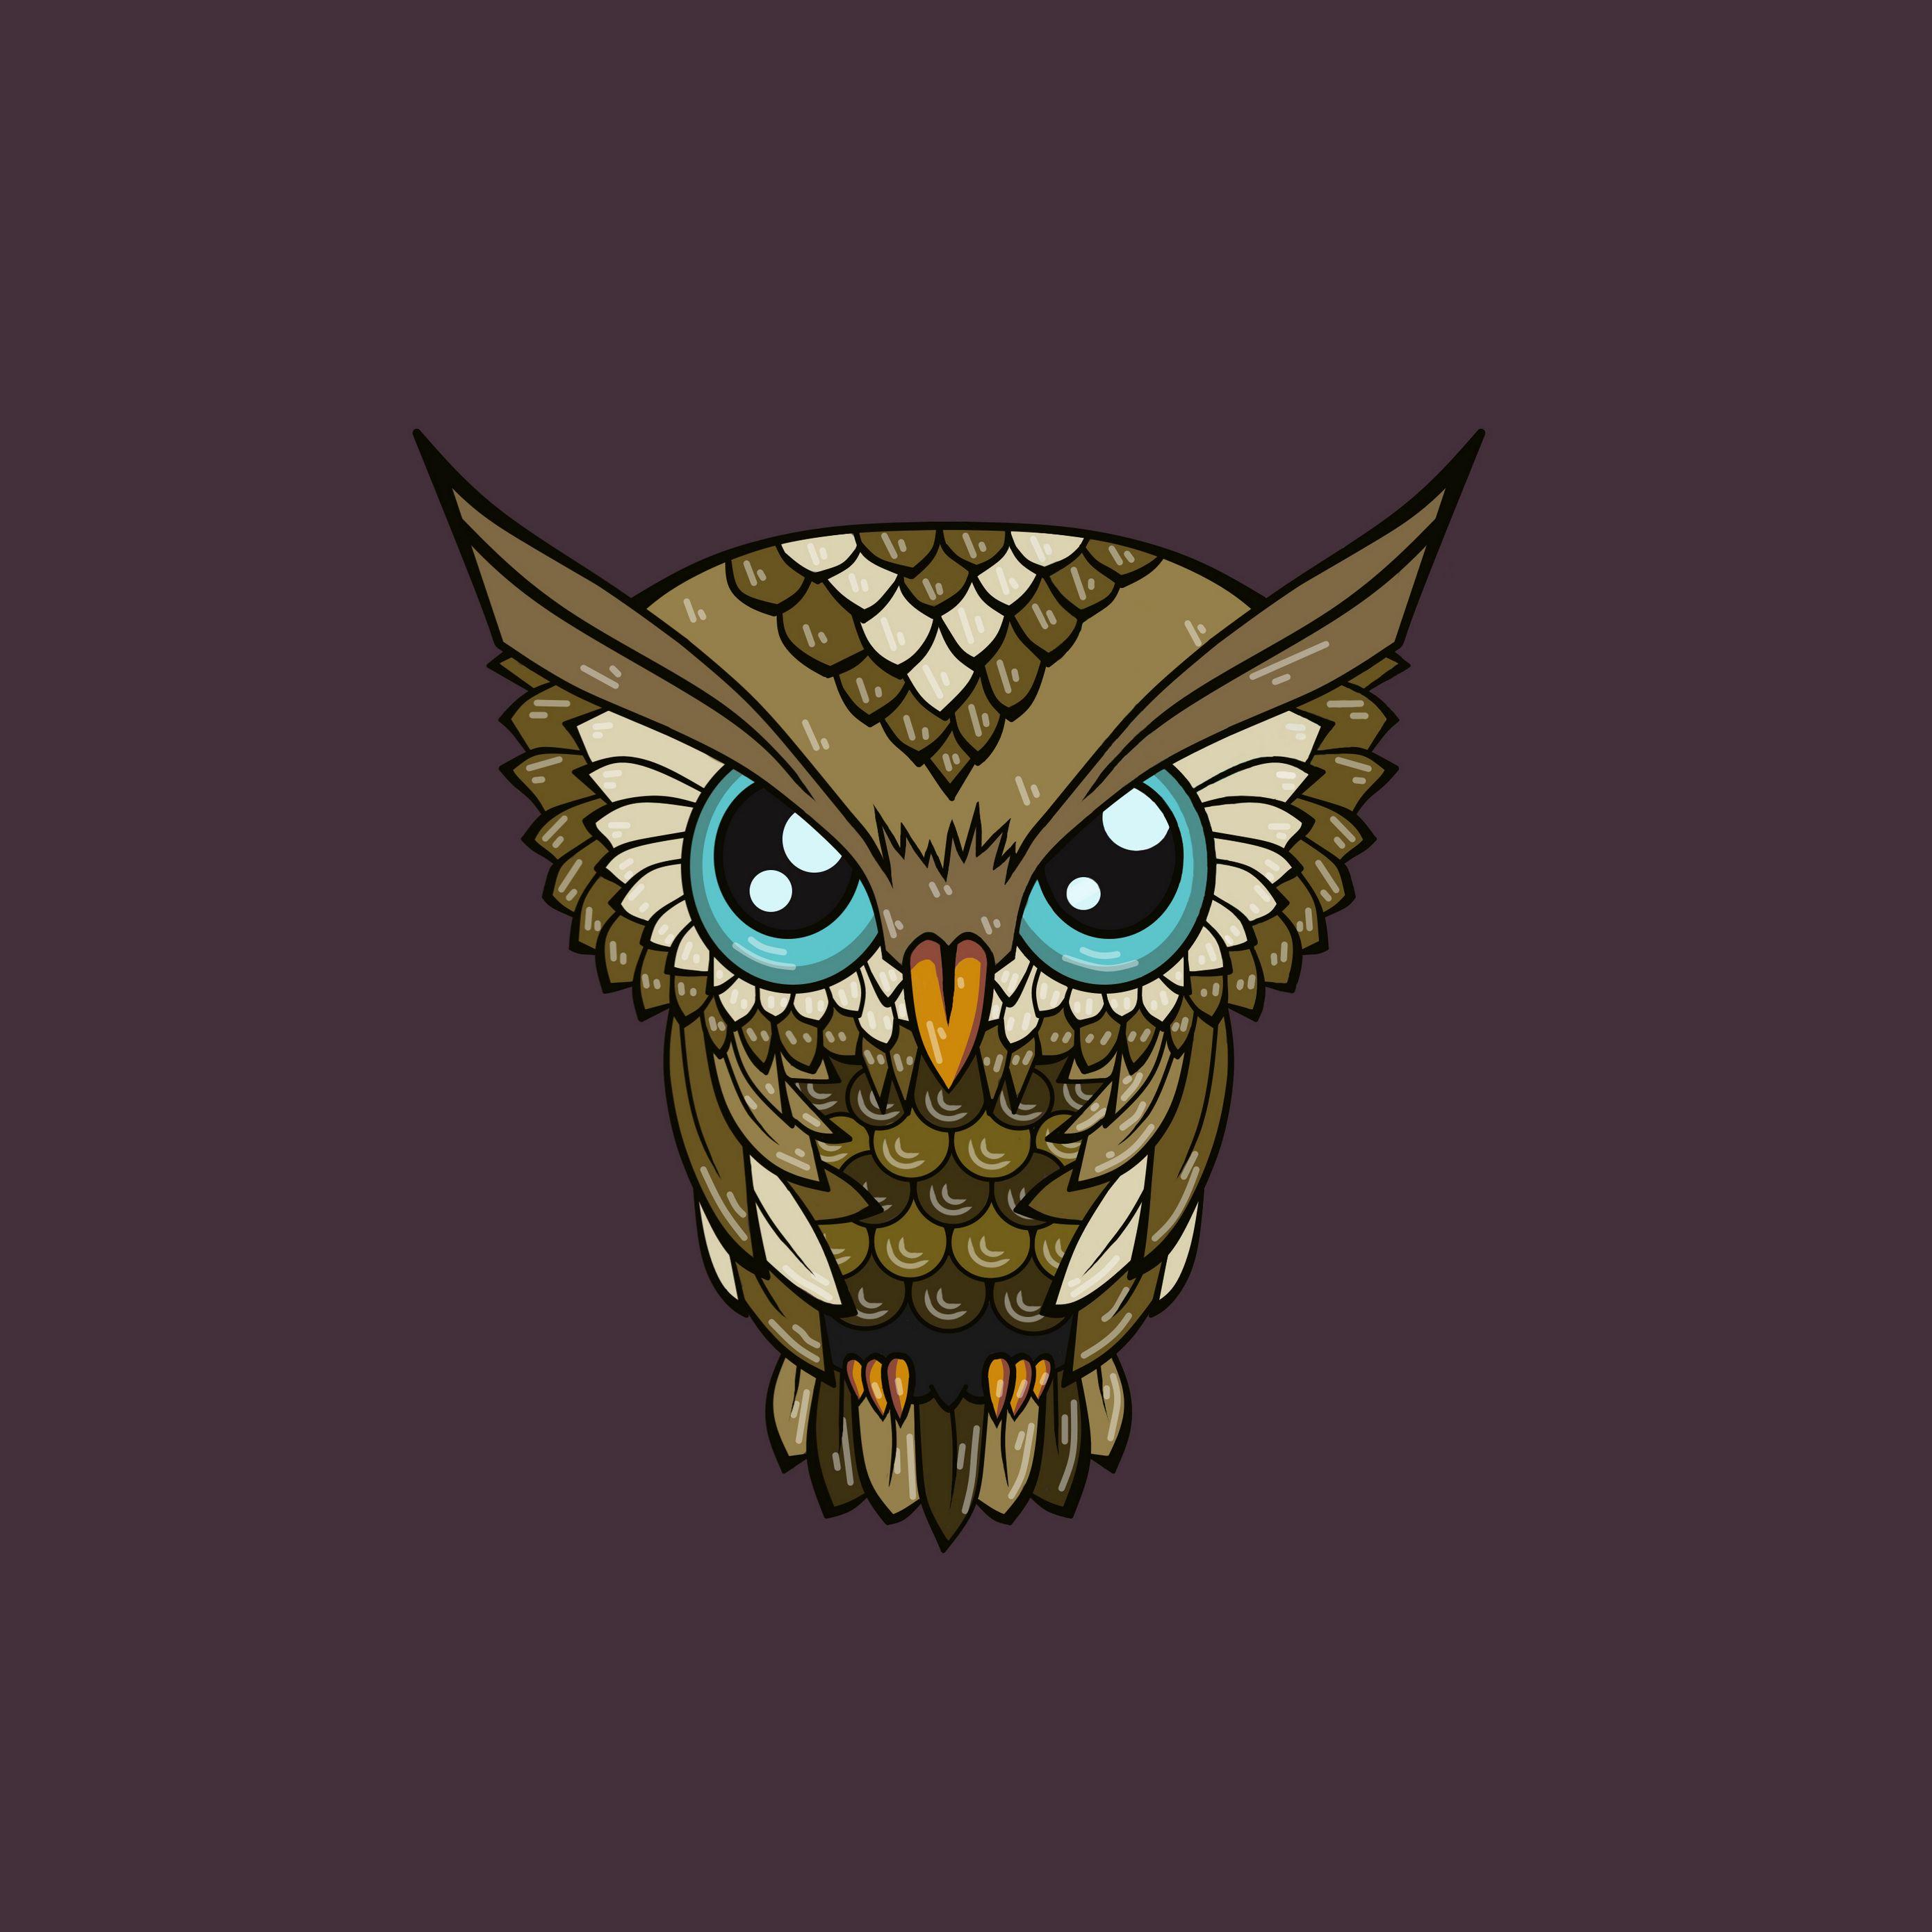 2780x2780 Wallpaper owl, minimalism, art